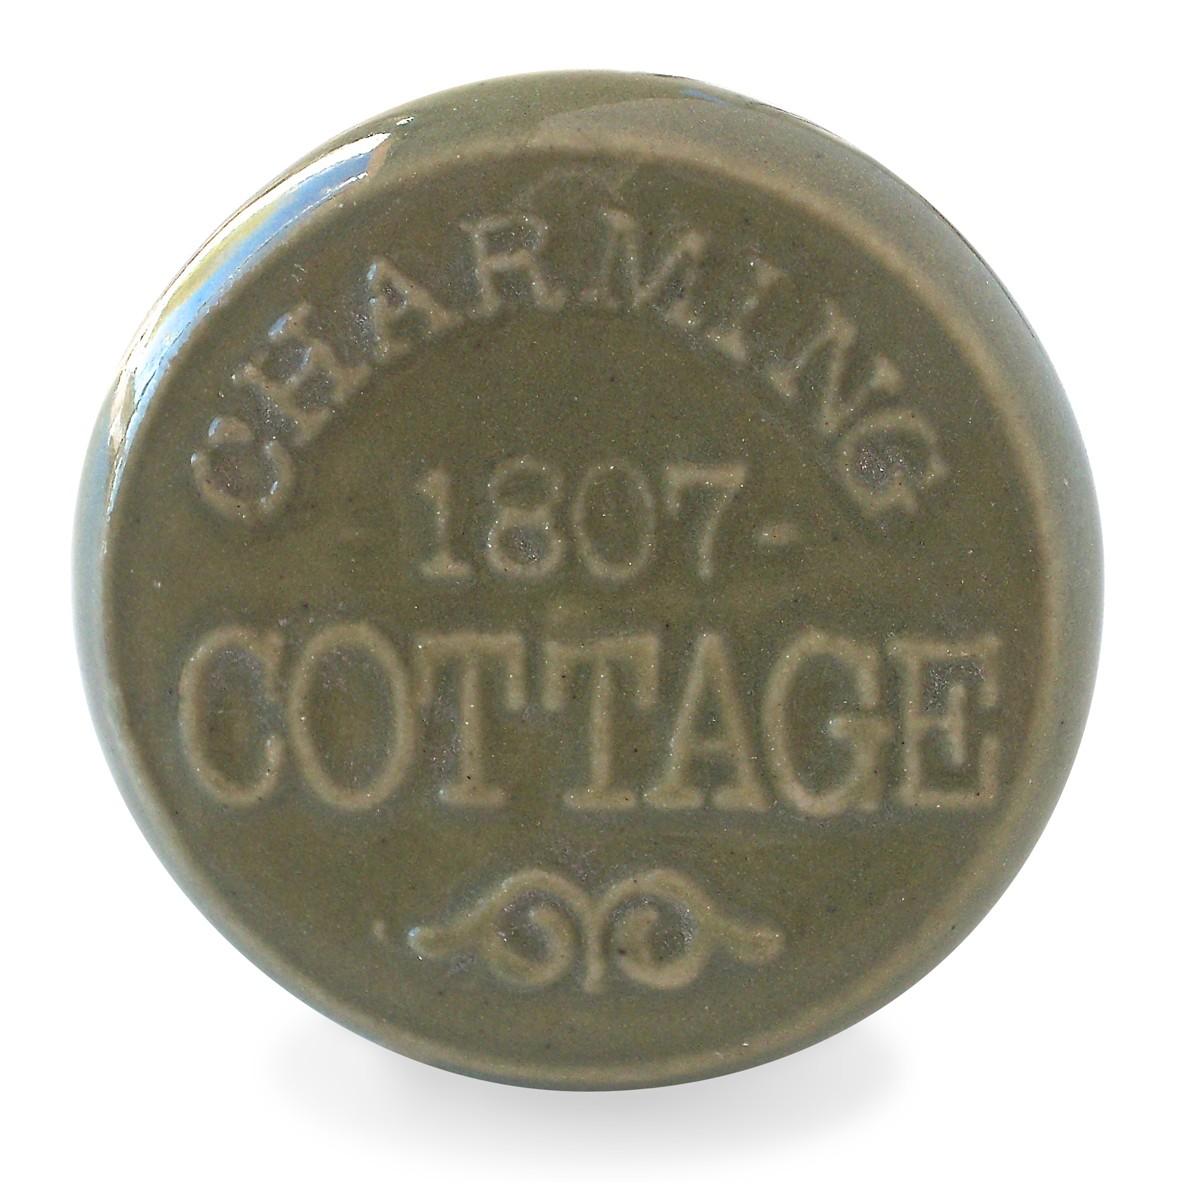 Bouton de Meuble Charming Cottage Vert Vintage  Boutonsdemeublescom